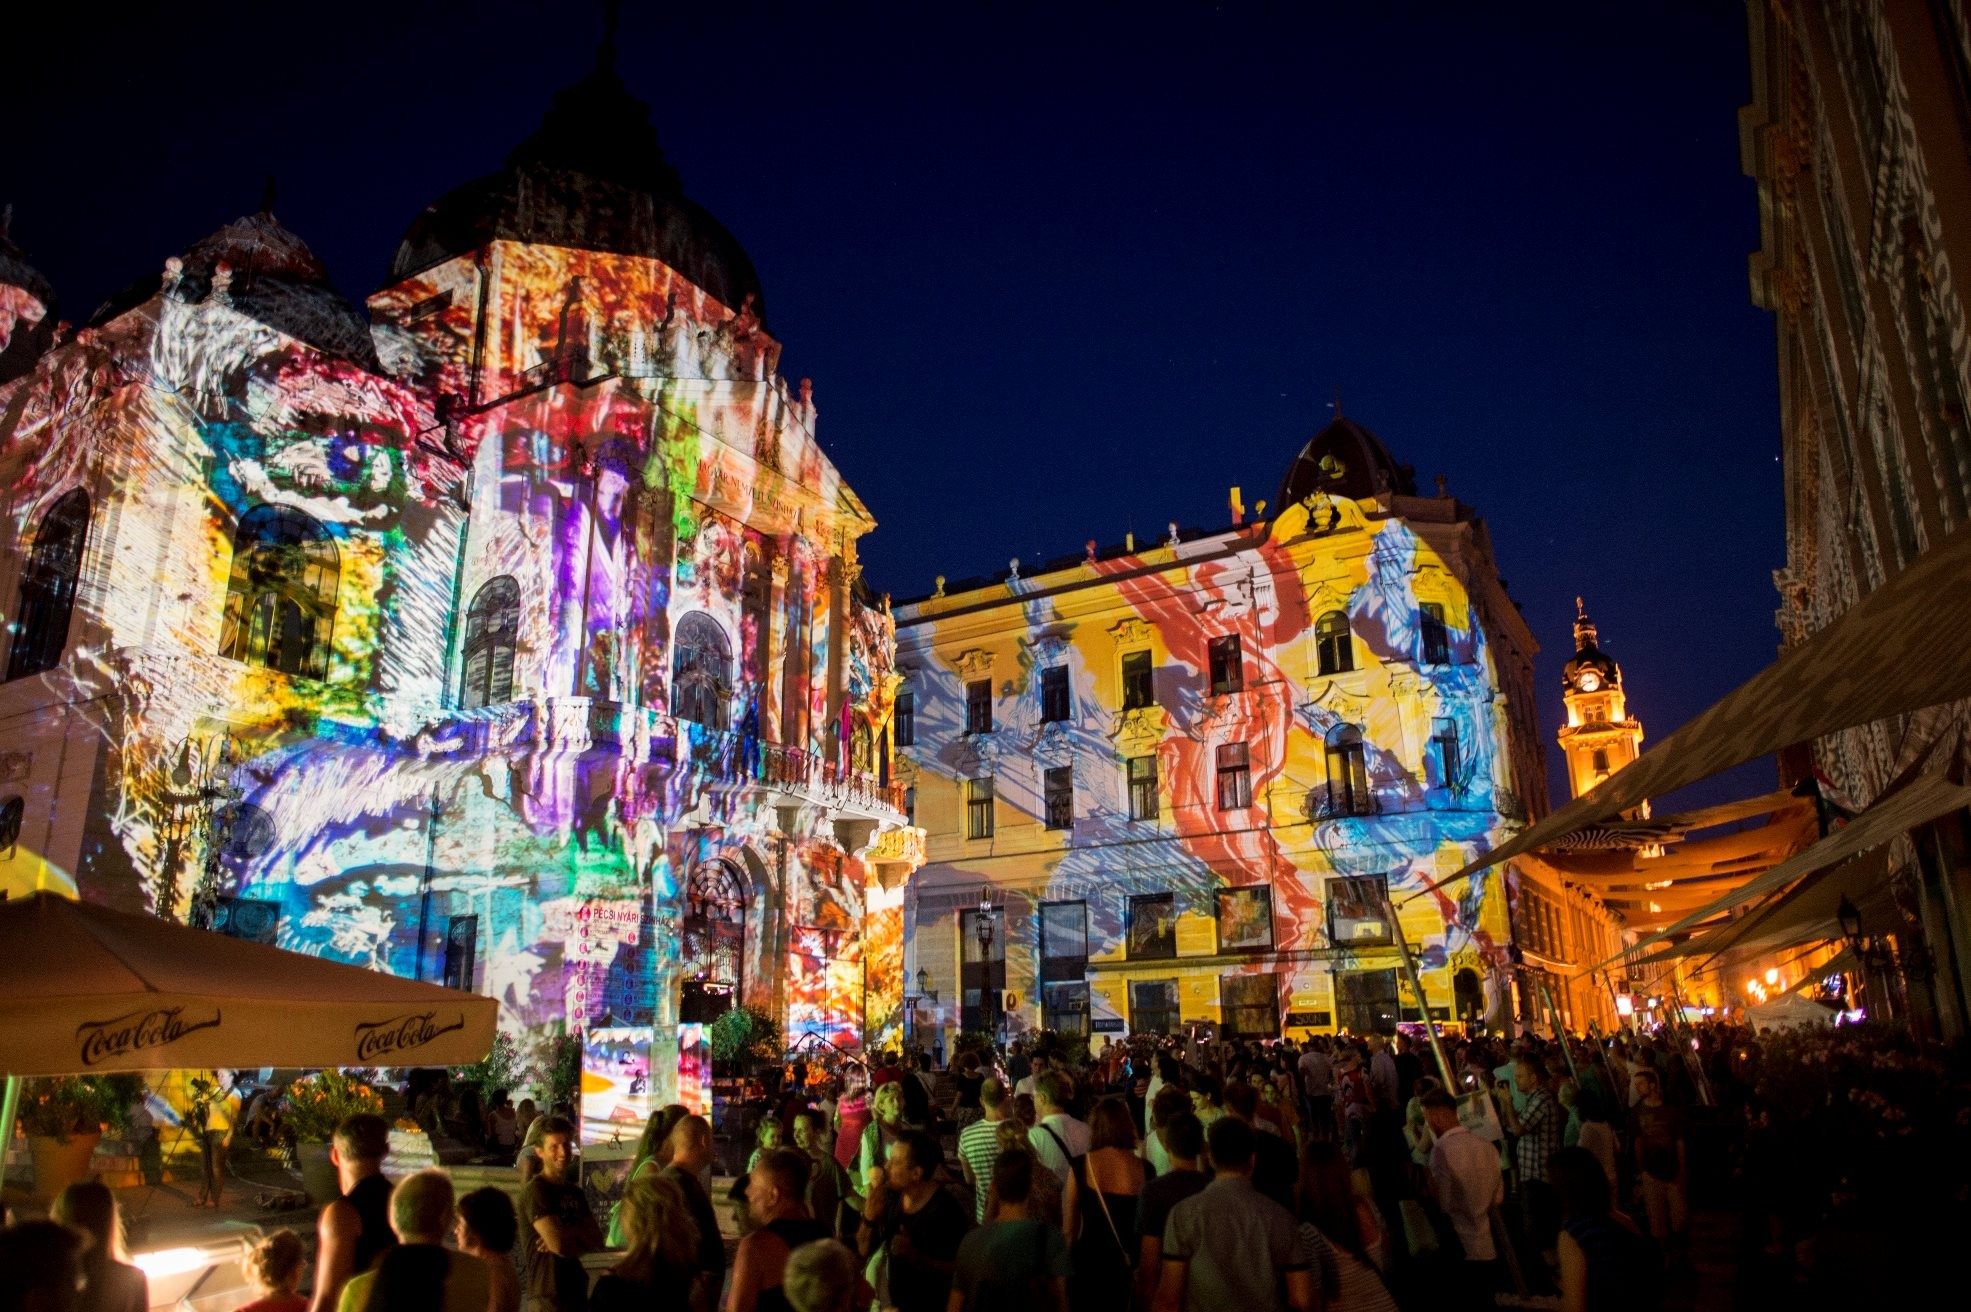 Több nagy fesztivált is rendez idén a Zsolnay Örökségkezelő